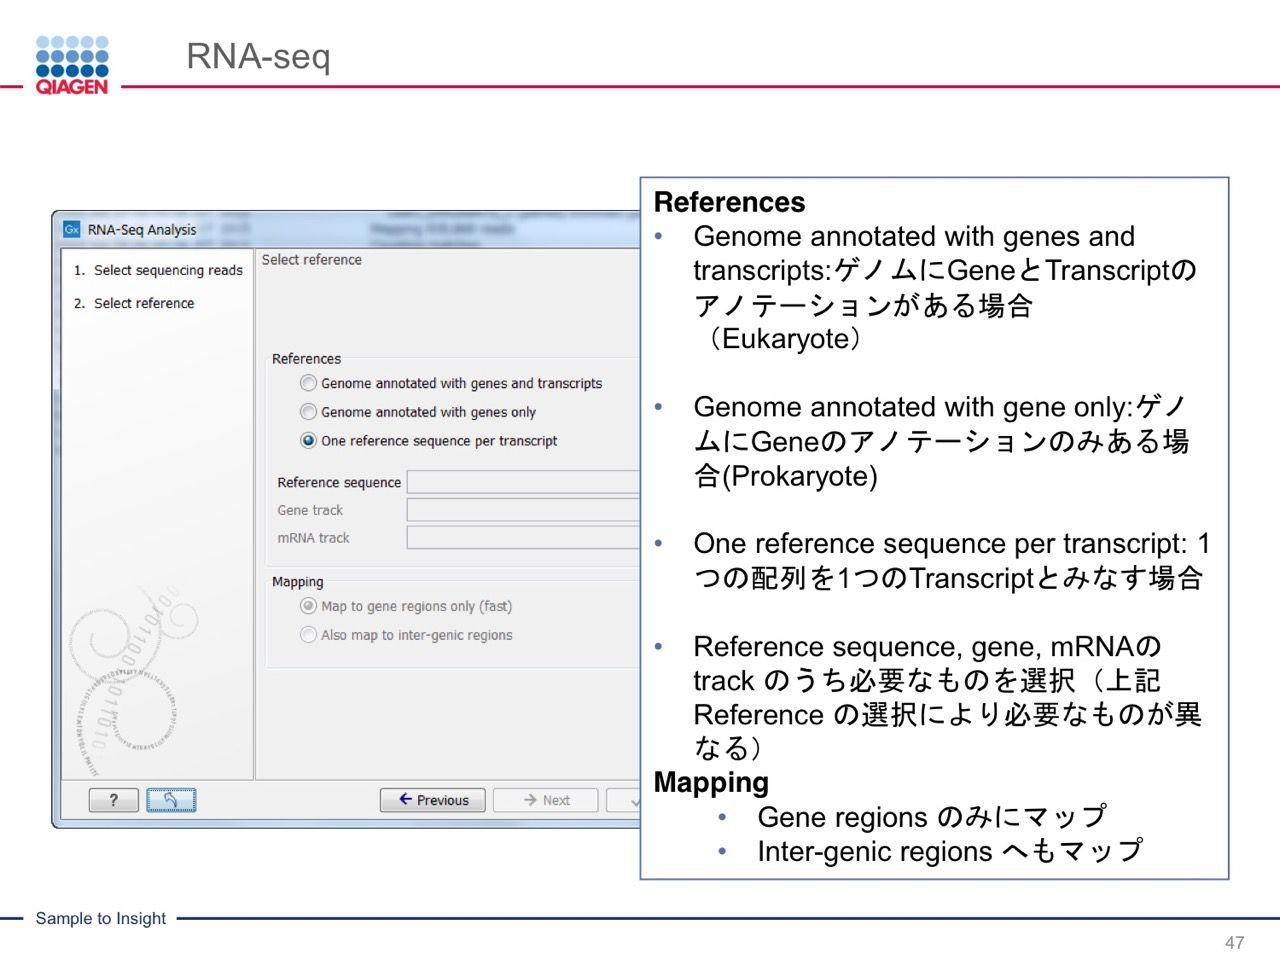 images/AJACSa2_miyamoto_047.jpg